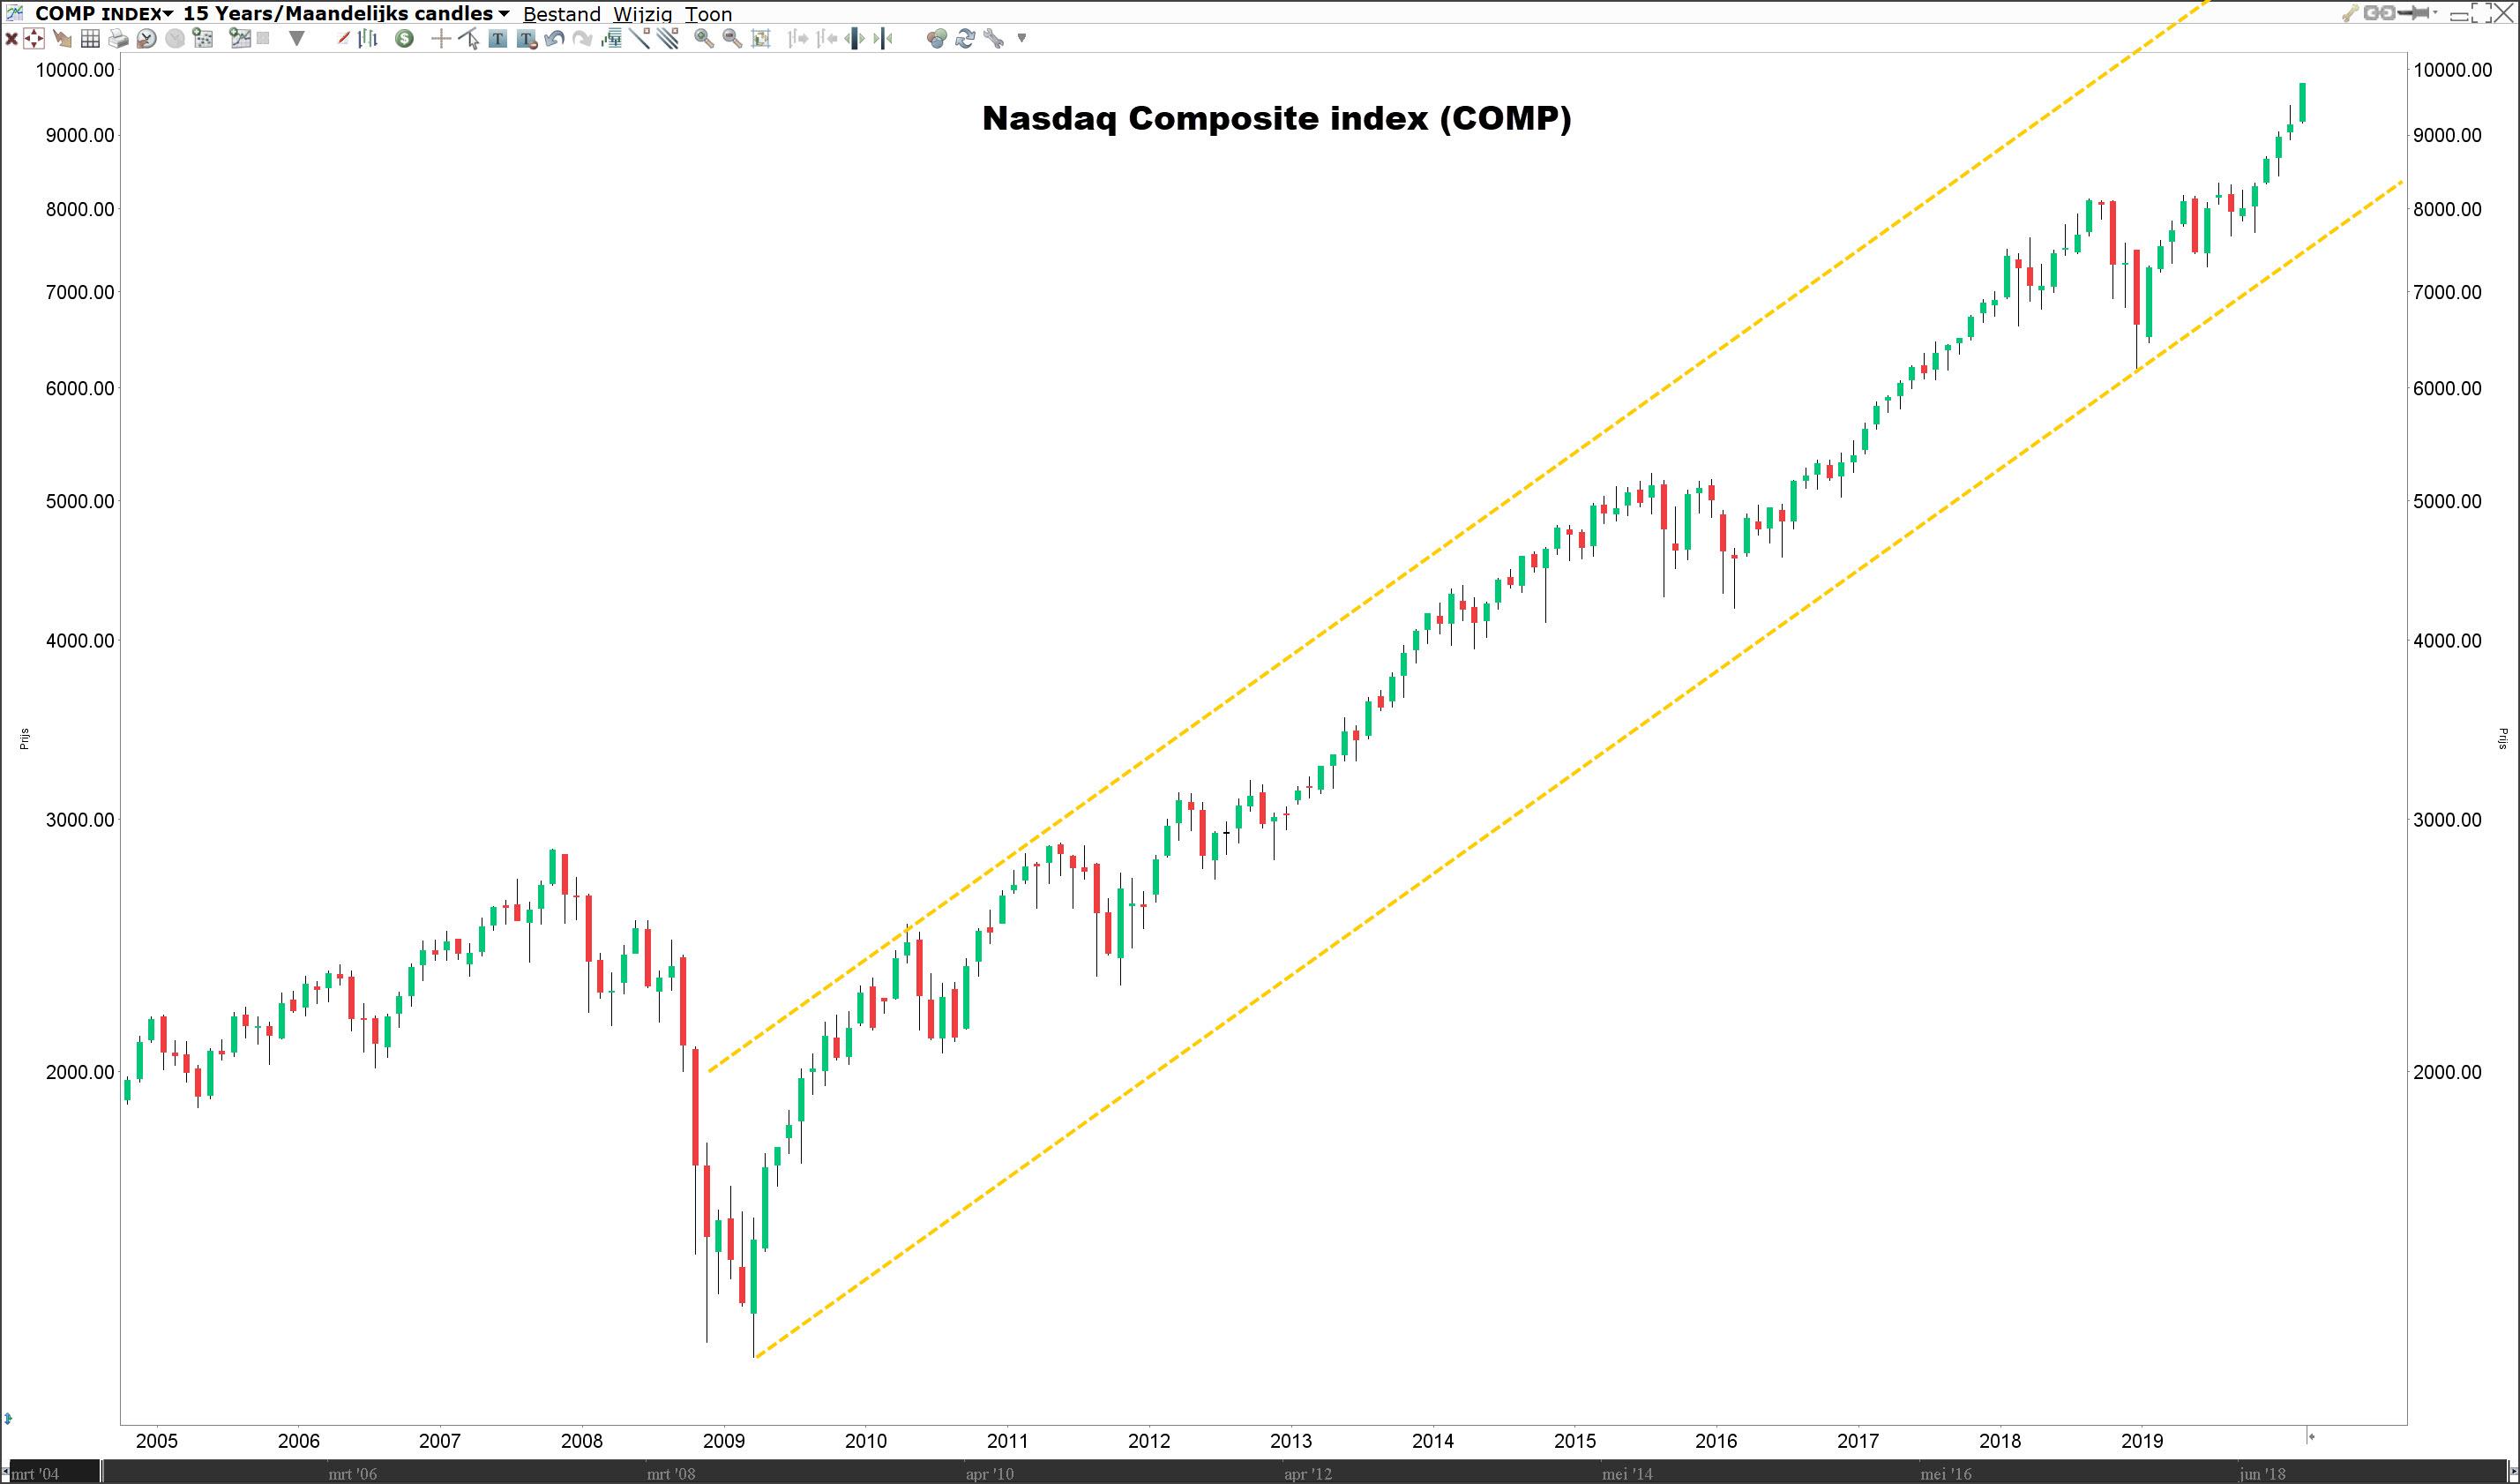 Beleggen in technologie aandelen - Nasdaq Index